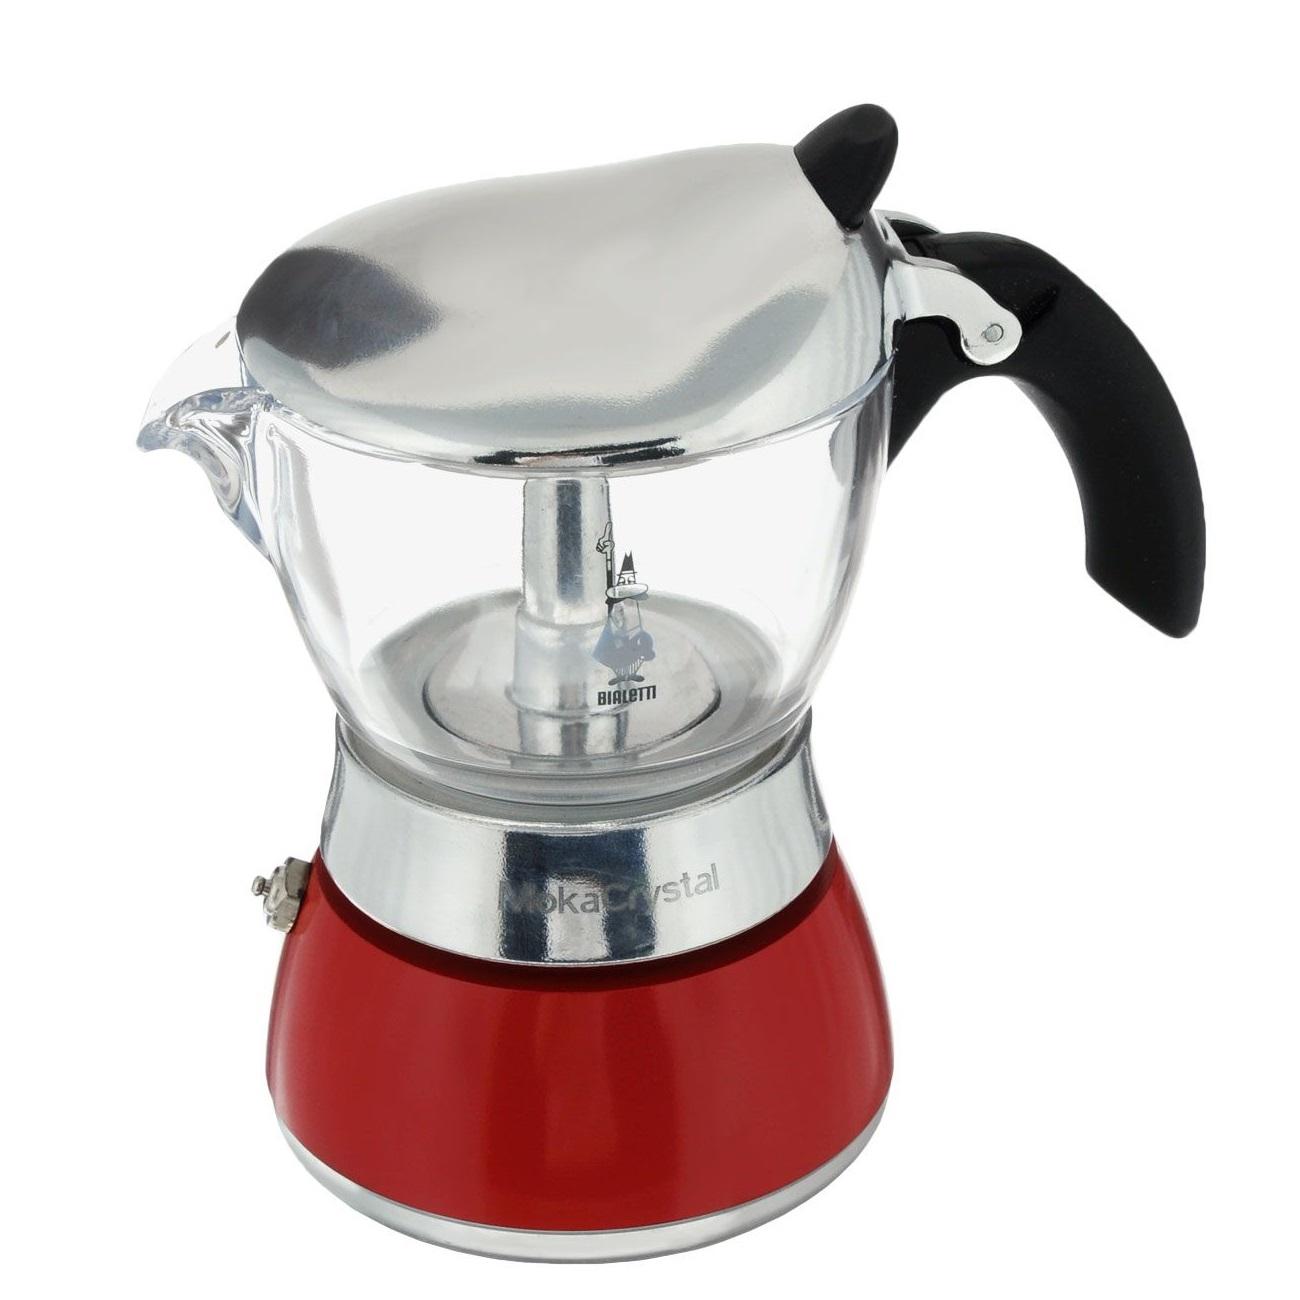 قهوه جوش بیالتی مدل کریستال کد 2